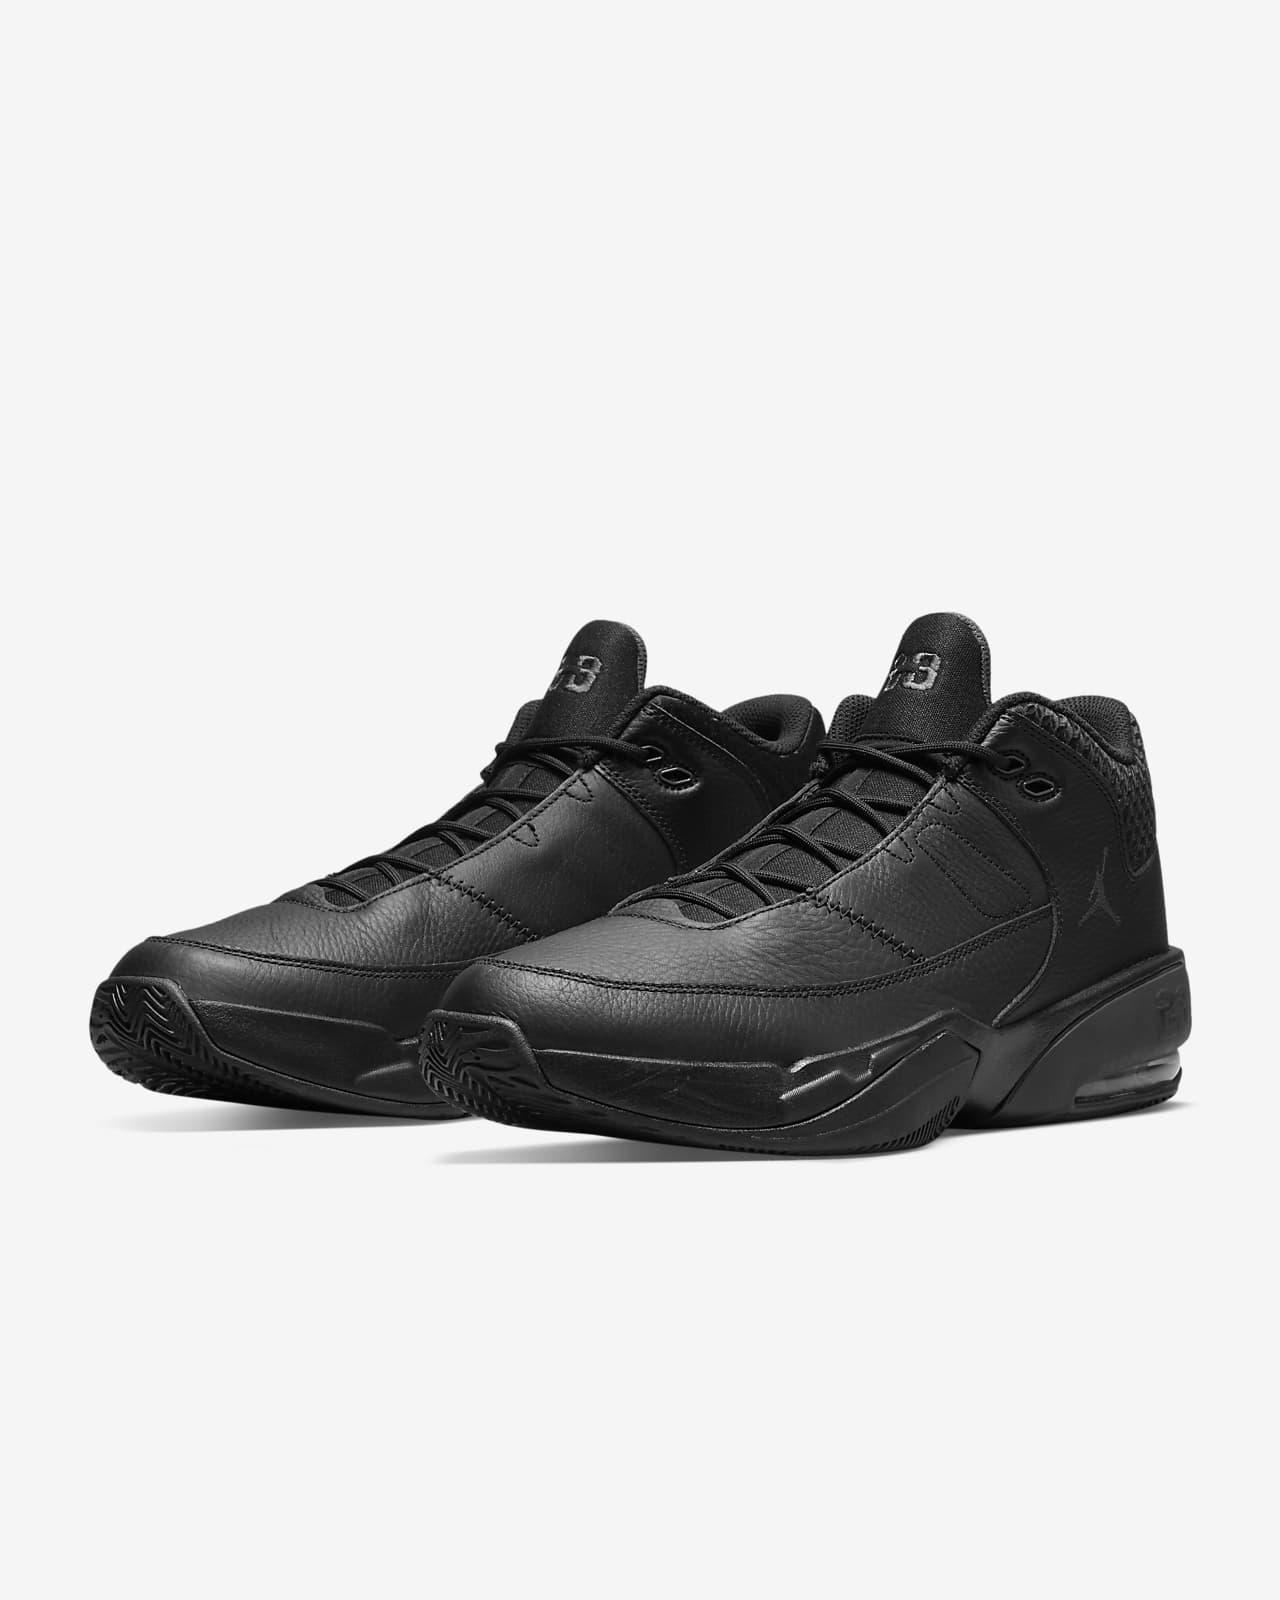 Jordan Max Aura 3 Men's Shoes